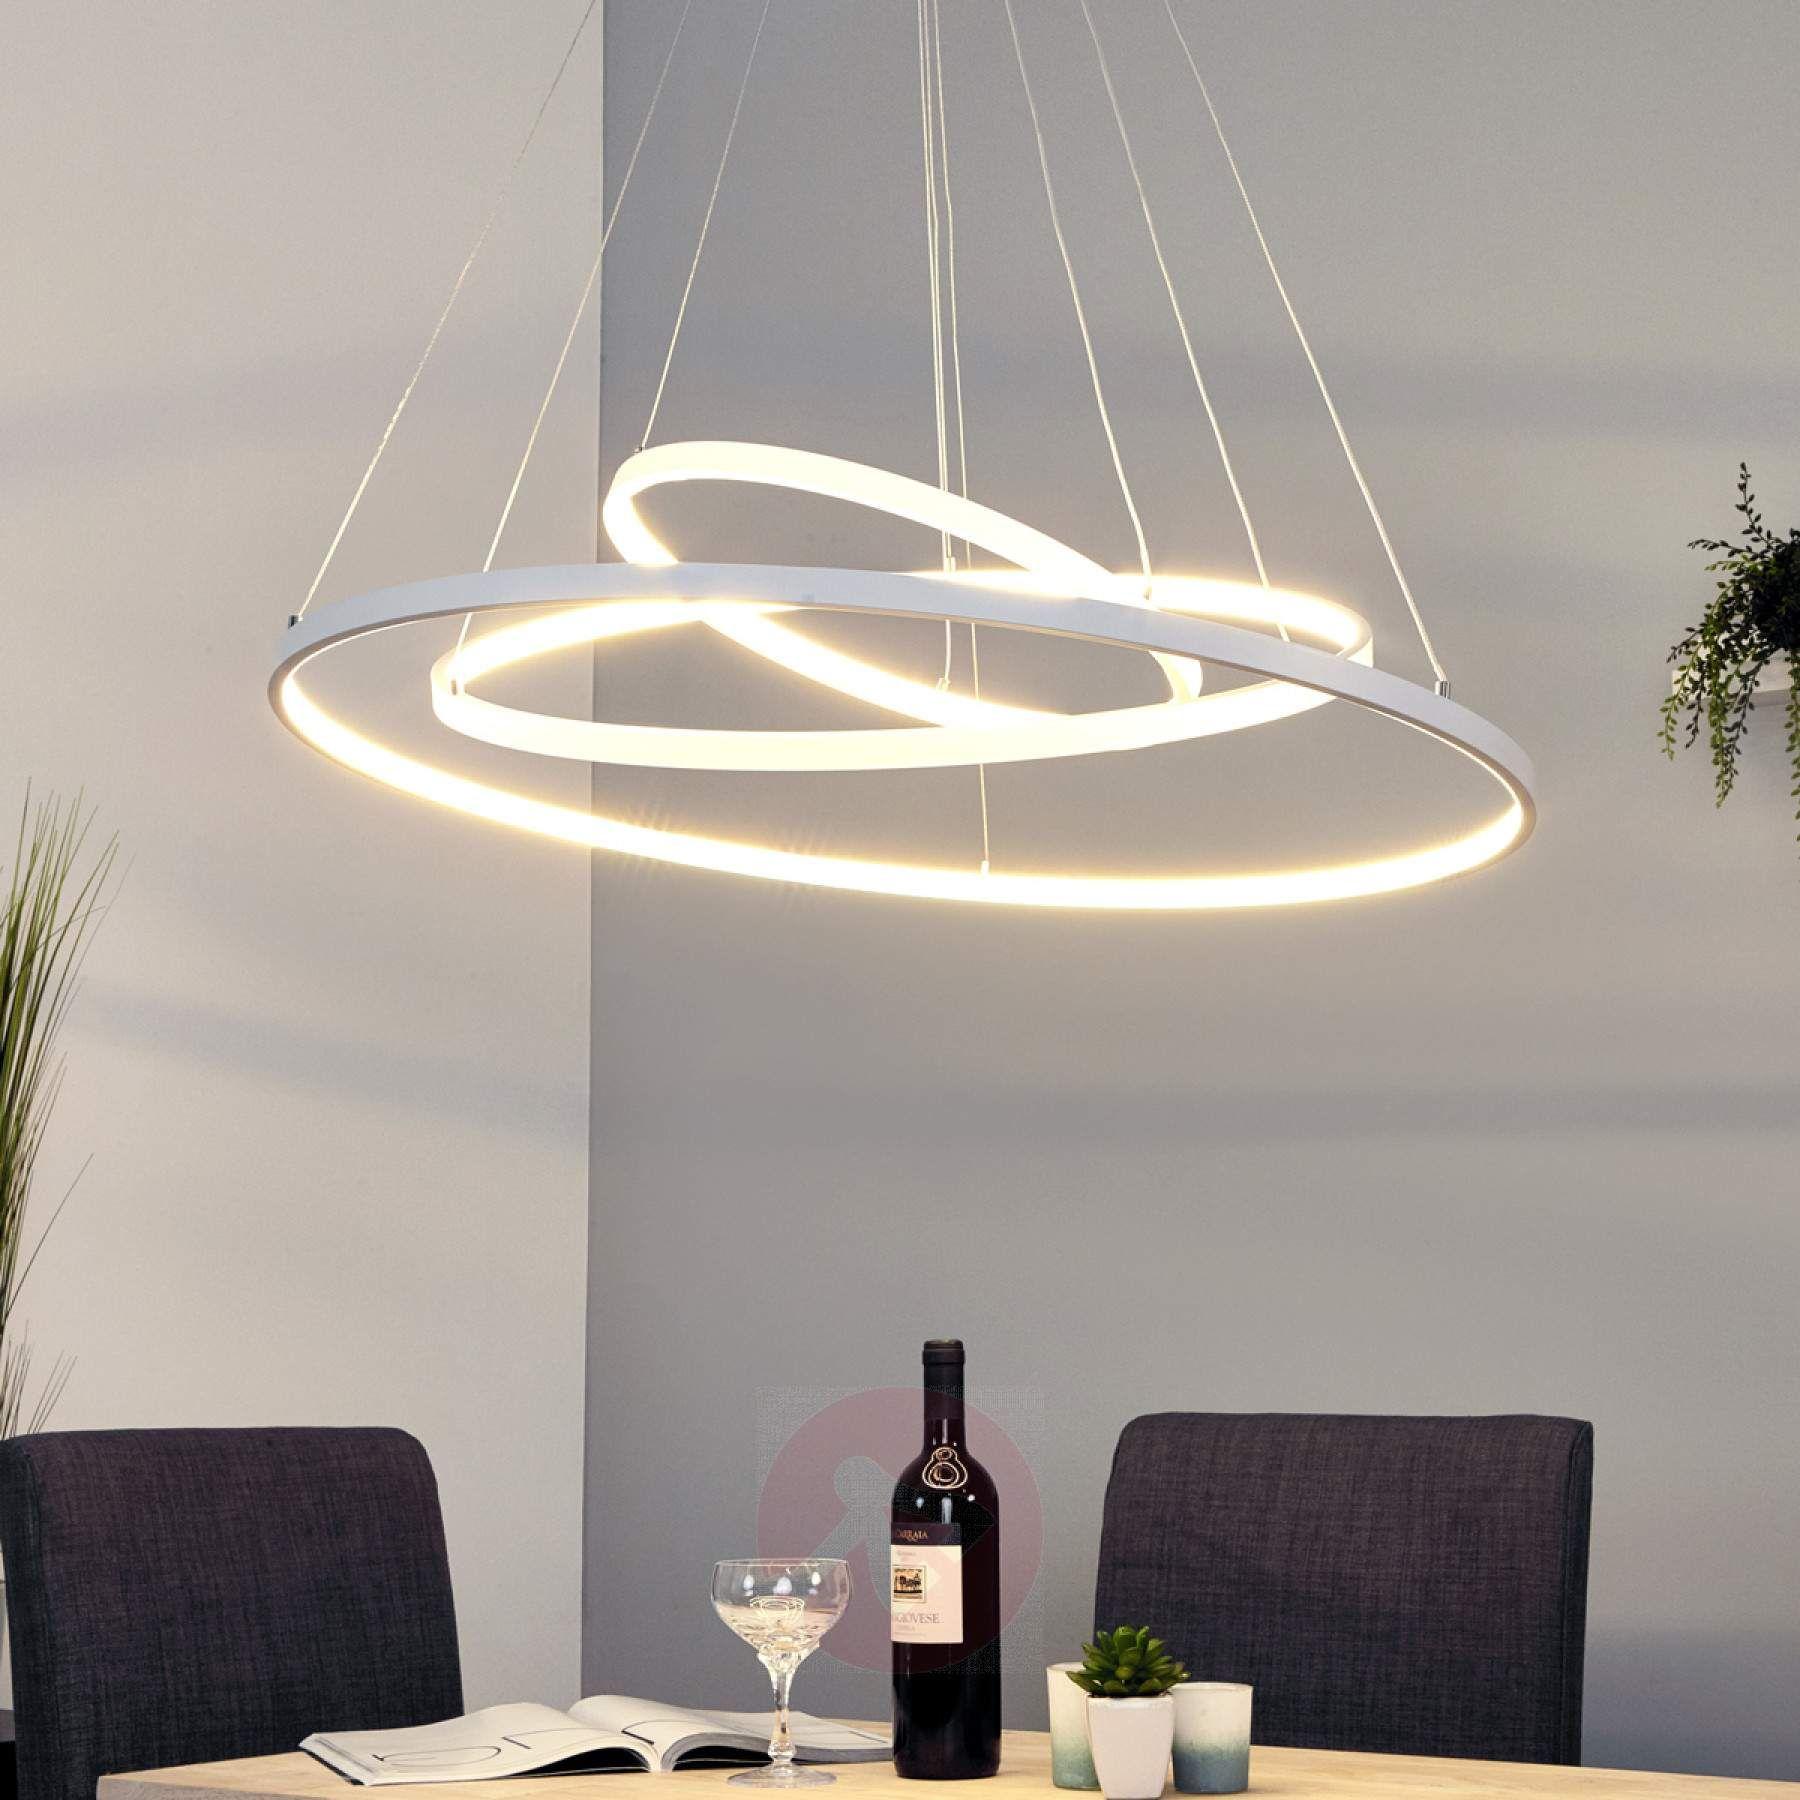 Leuchtstarke LED-Pendellampe Eline mit 8 Ringen-8-8 Master